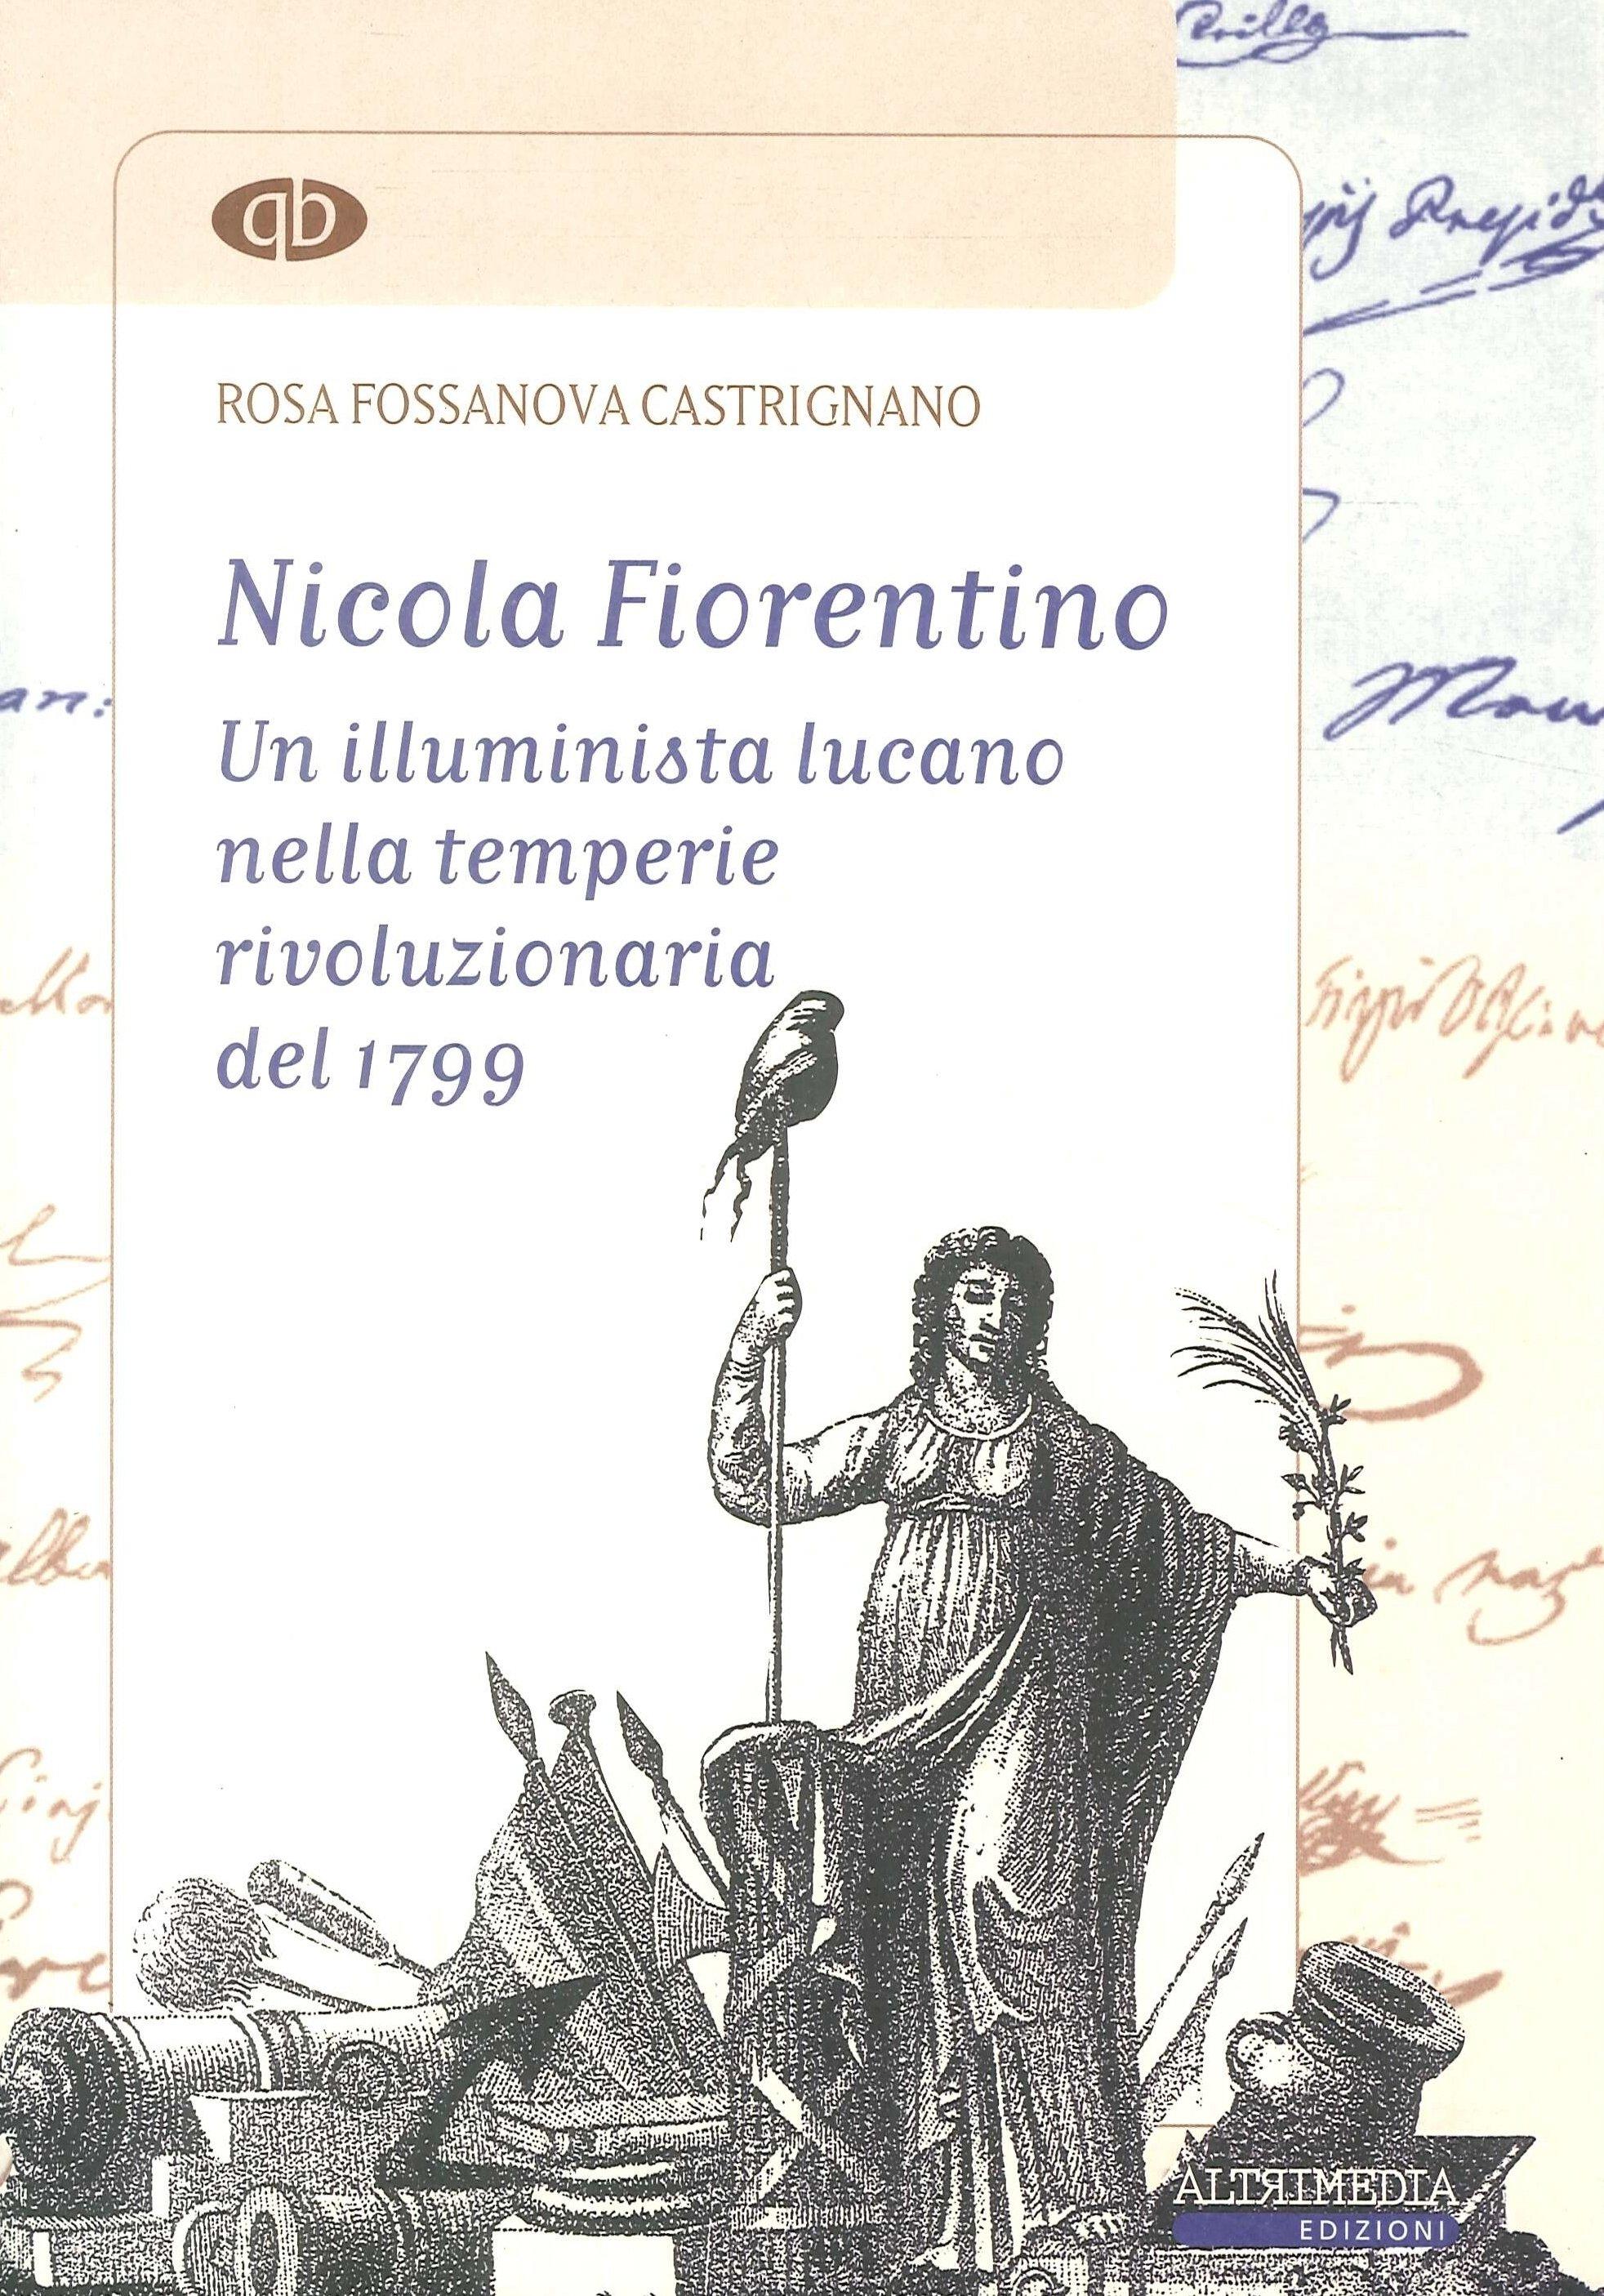 Nicola Fiorentino. Un illuminista lucano nella temperie rivoluzionaria del 1799